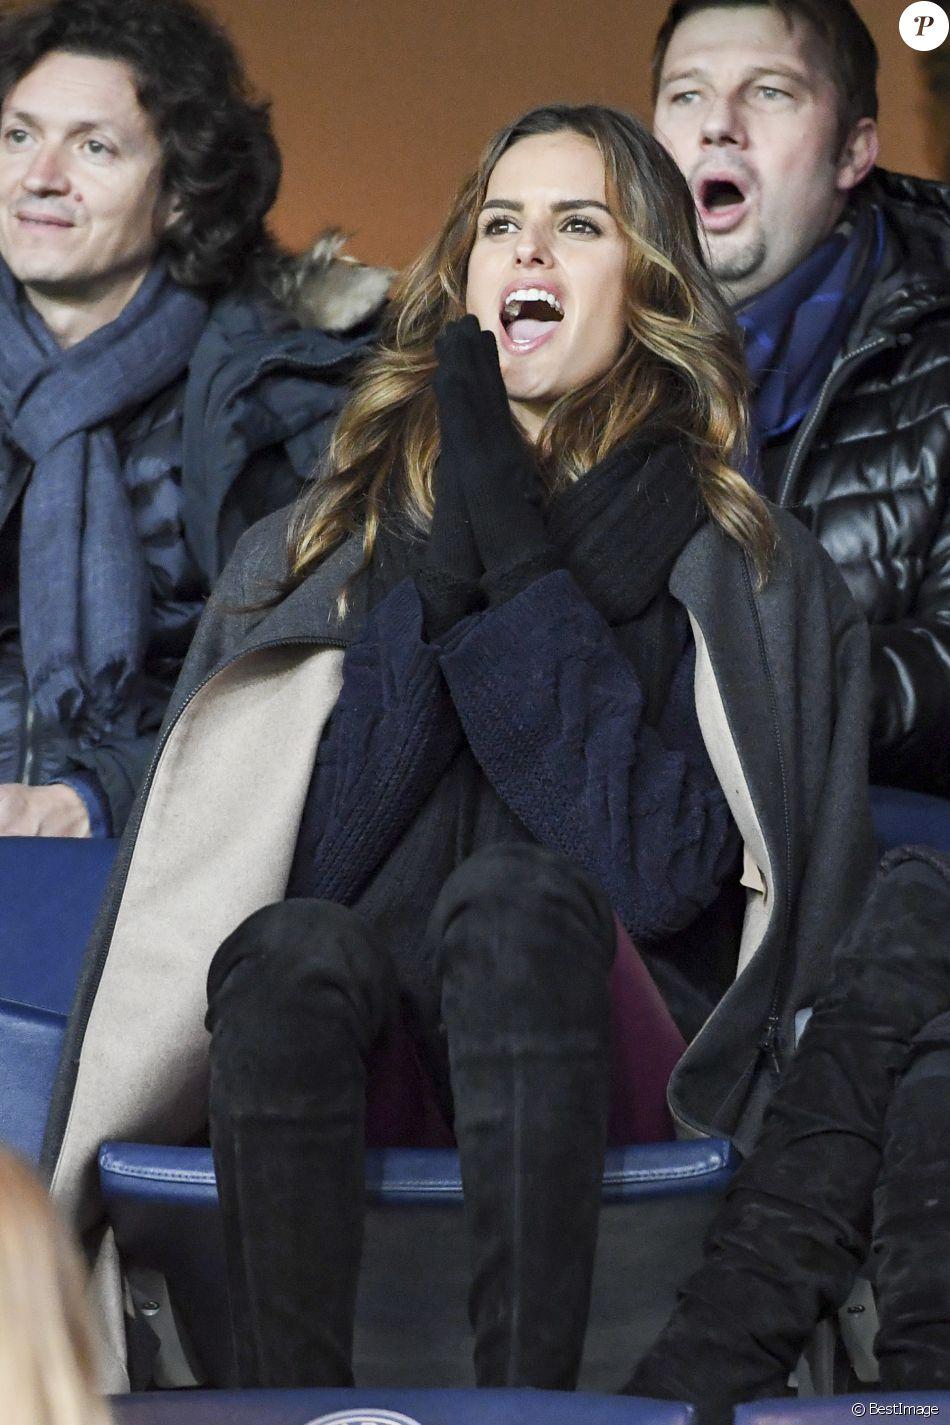 Izabel Goulart, compagne de Kevin Trapp, assiste à la clôture de la 12ème journée de Ligue 1 qui opposait le Paris Saint Germain au Stade Rennais (victoire 4-0 du PSG), à Paris au Parc des Princes le 6 novembre 2016.